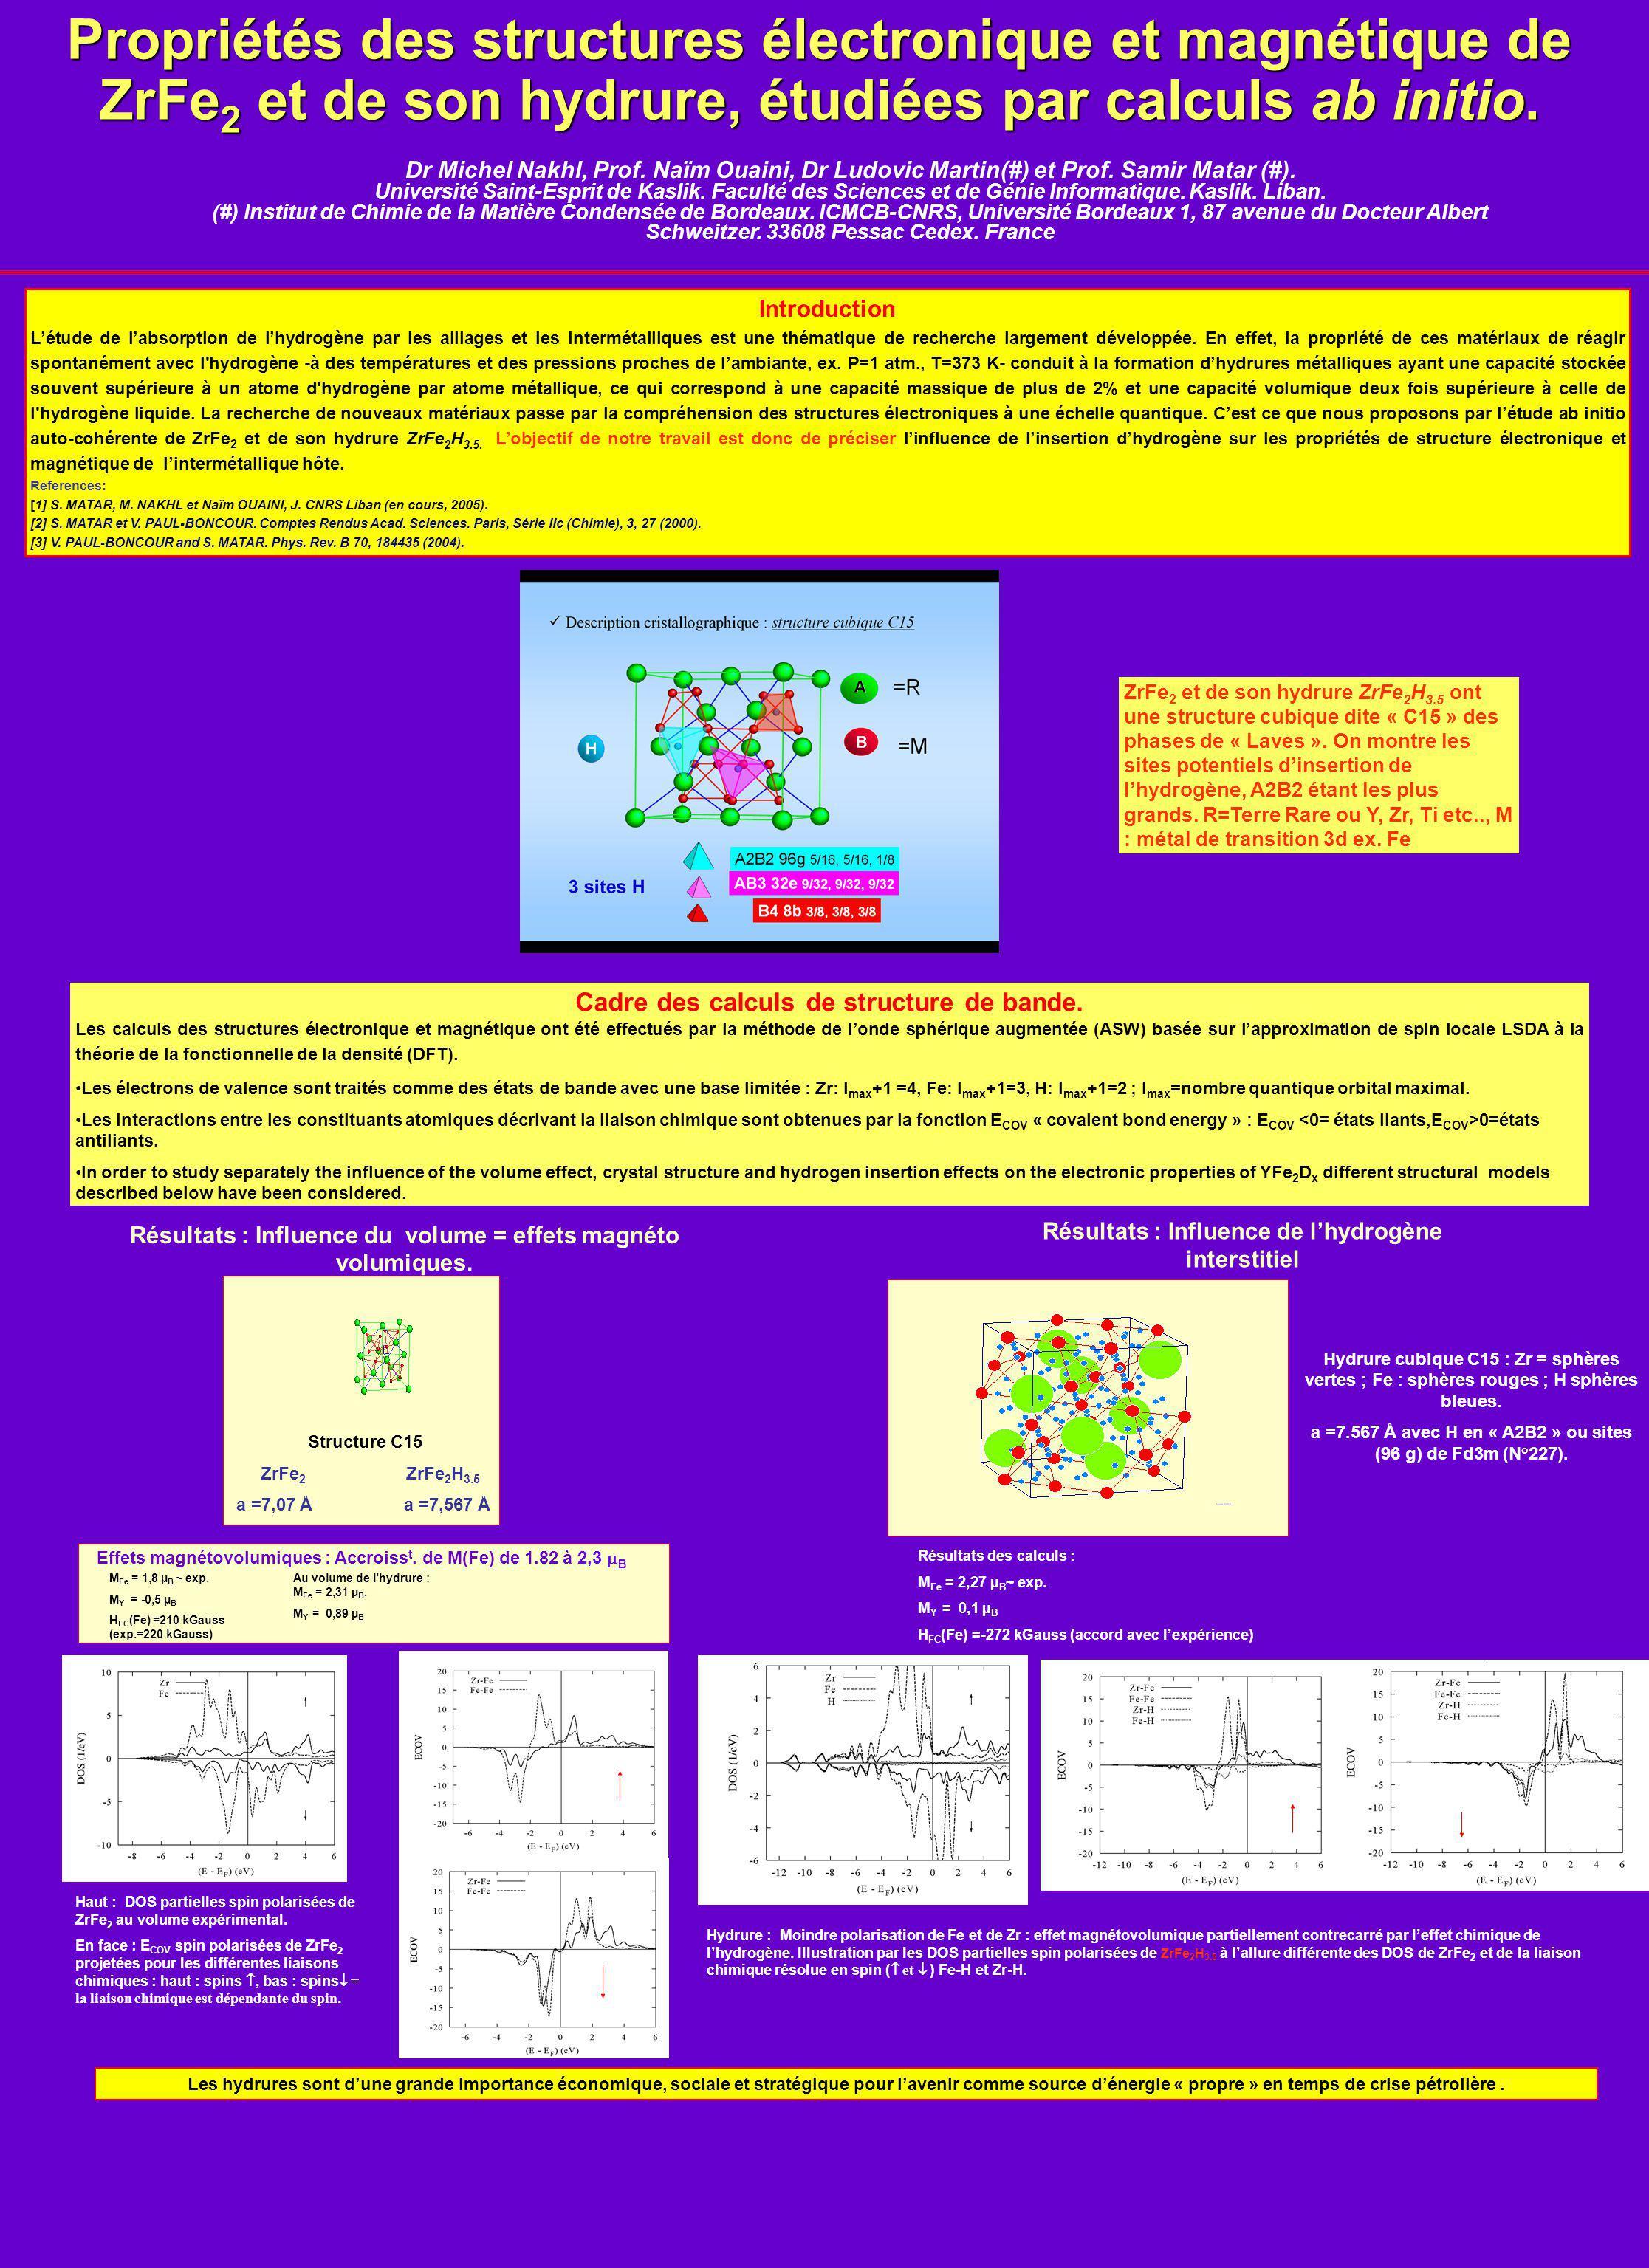 Propriétés des structures électronique et magnétique de ZrFe2 et de son hydrure, étudiées par calculs ab initio.